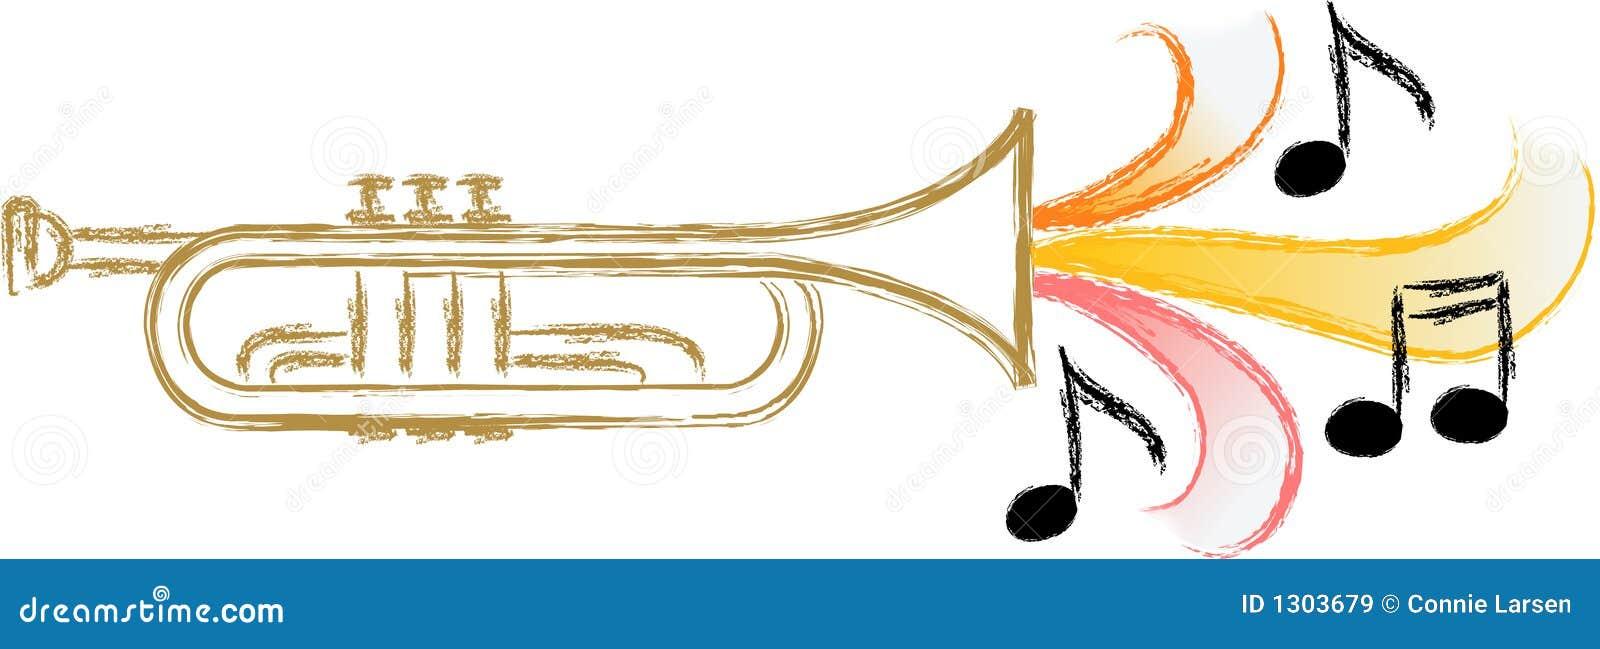 Trumpet för eps-jazzmusik